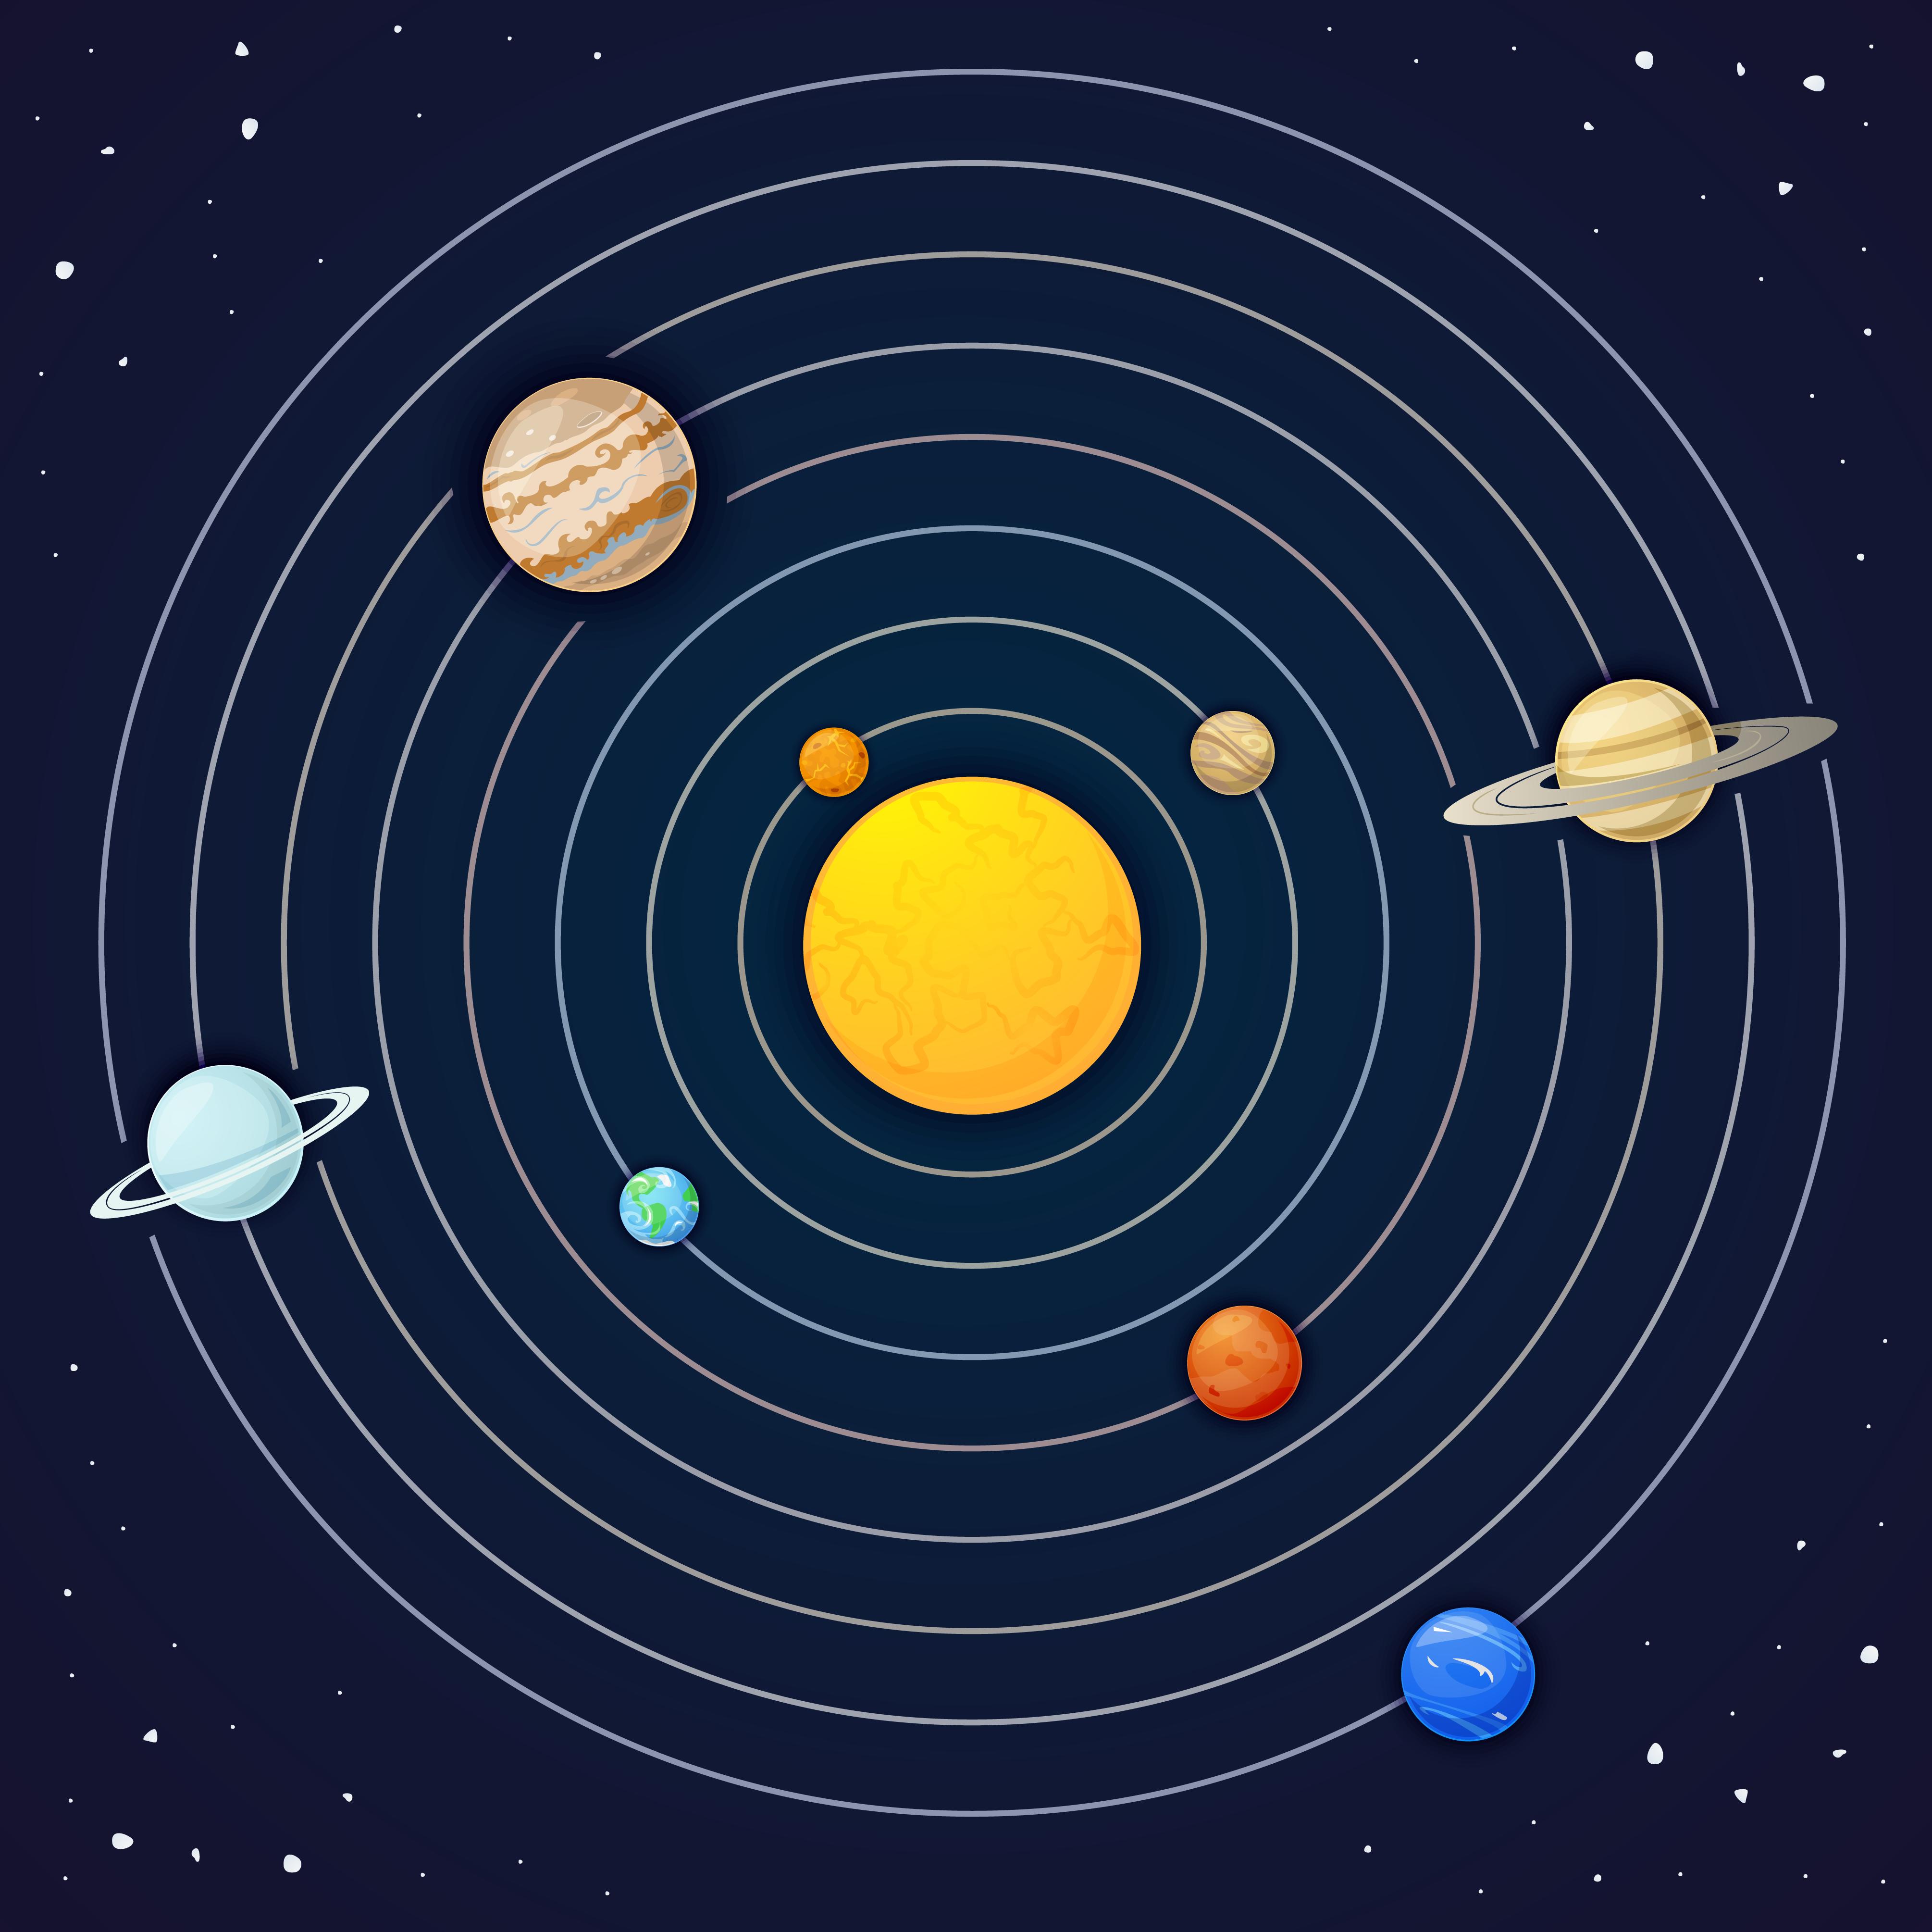 Земля и вся Солнечная система